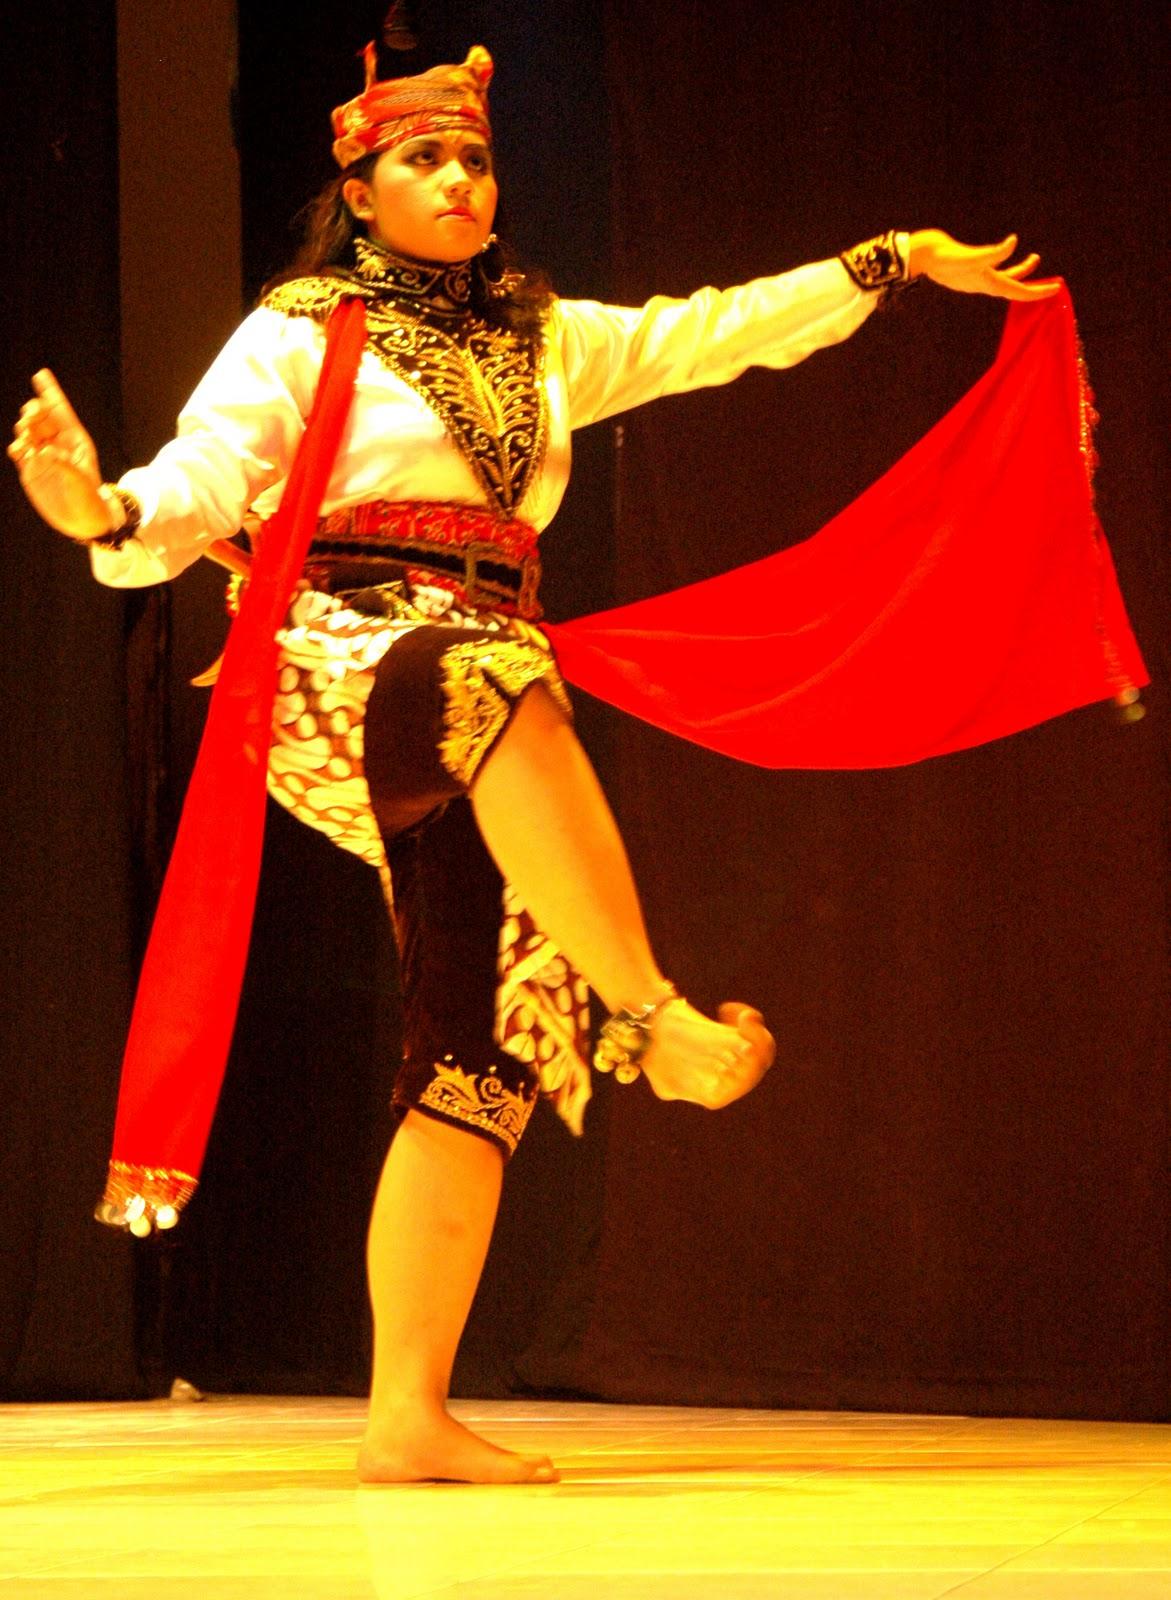 Contoh Gerakan Tari Remo : contoh, gerakan, Modis, Kostum